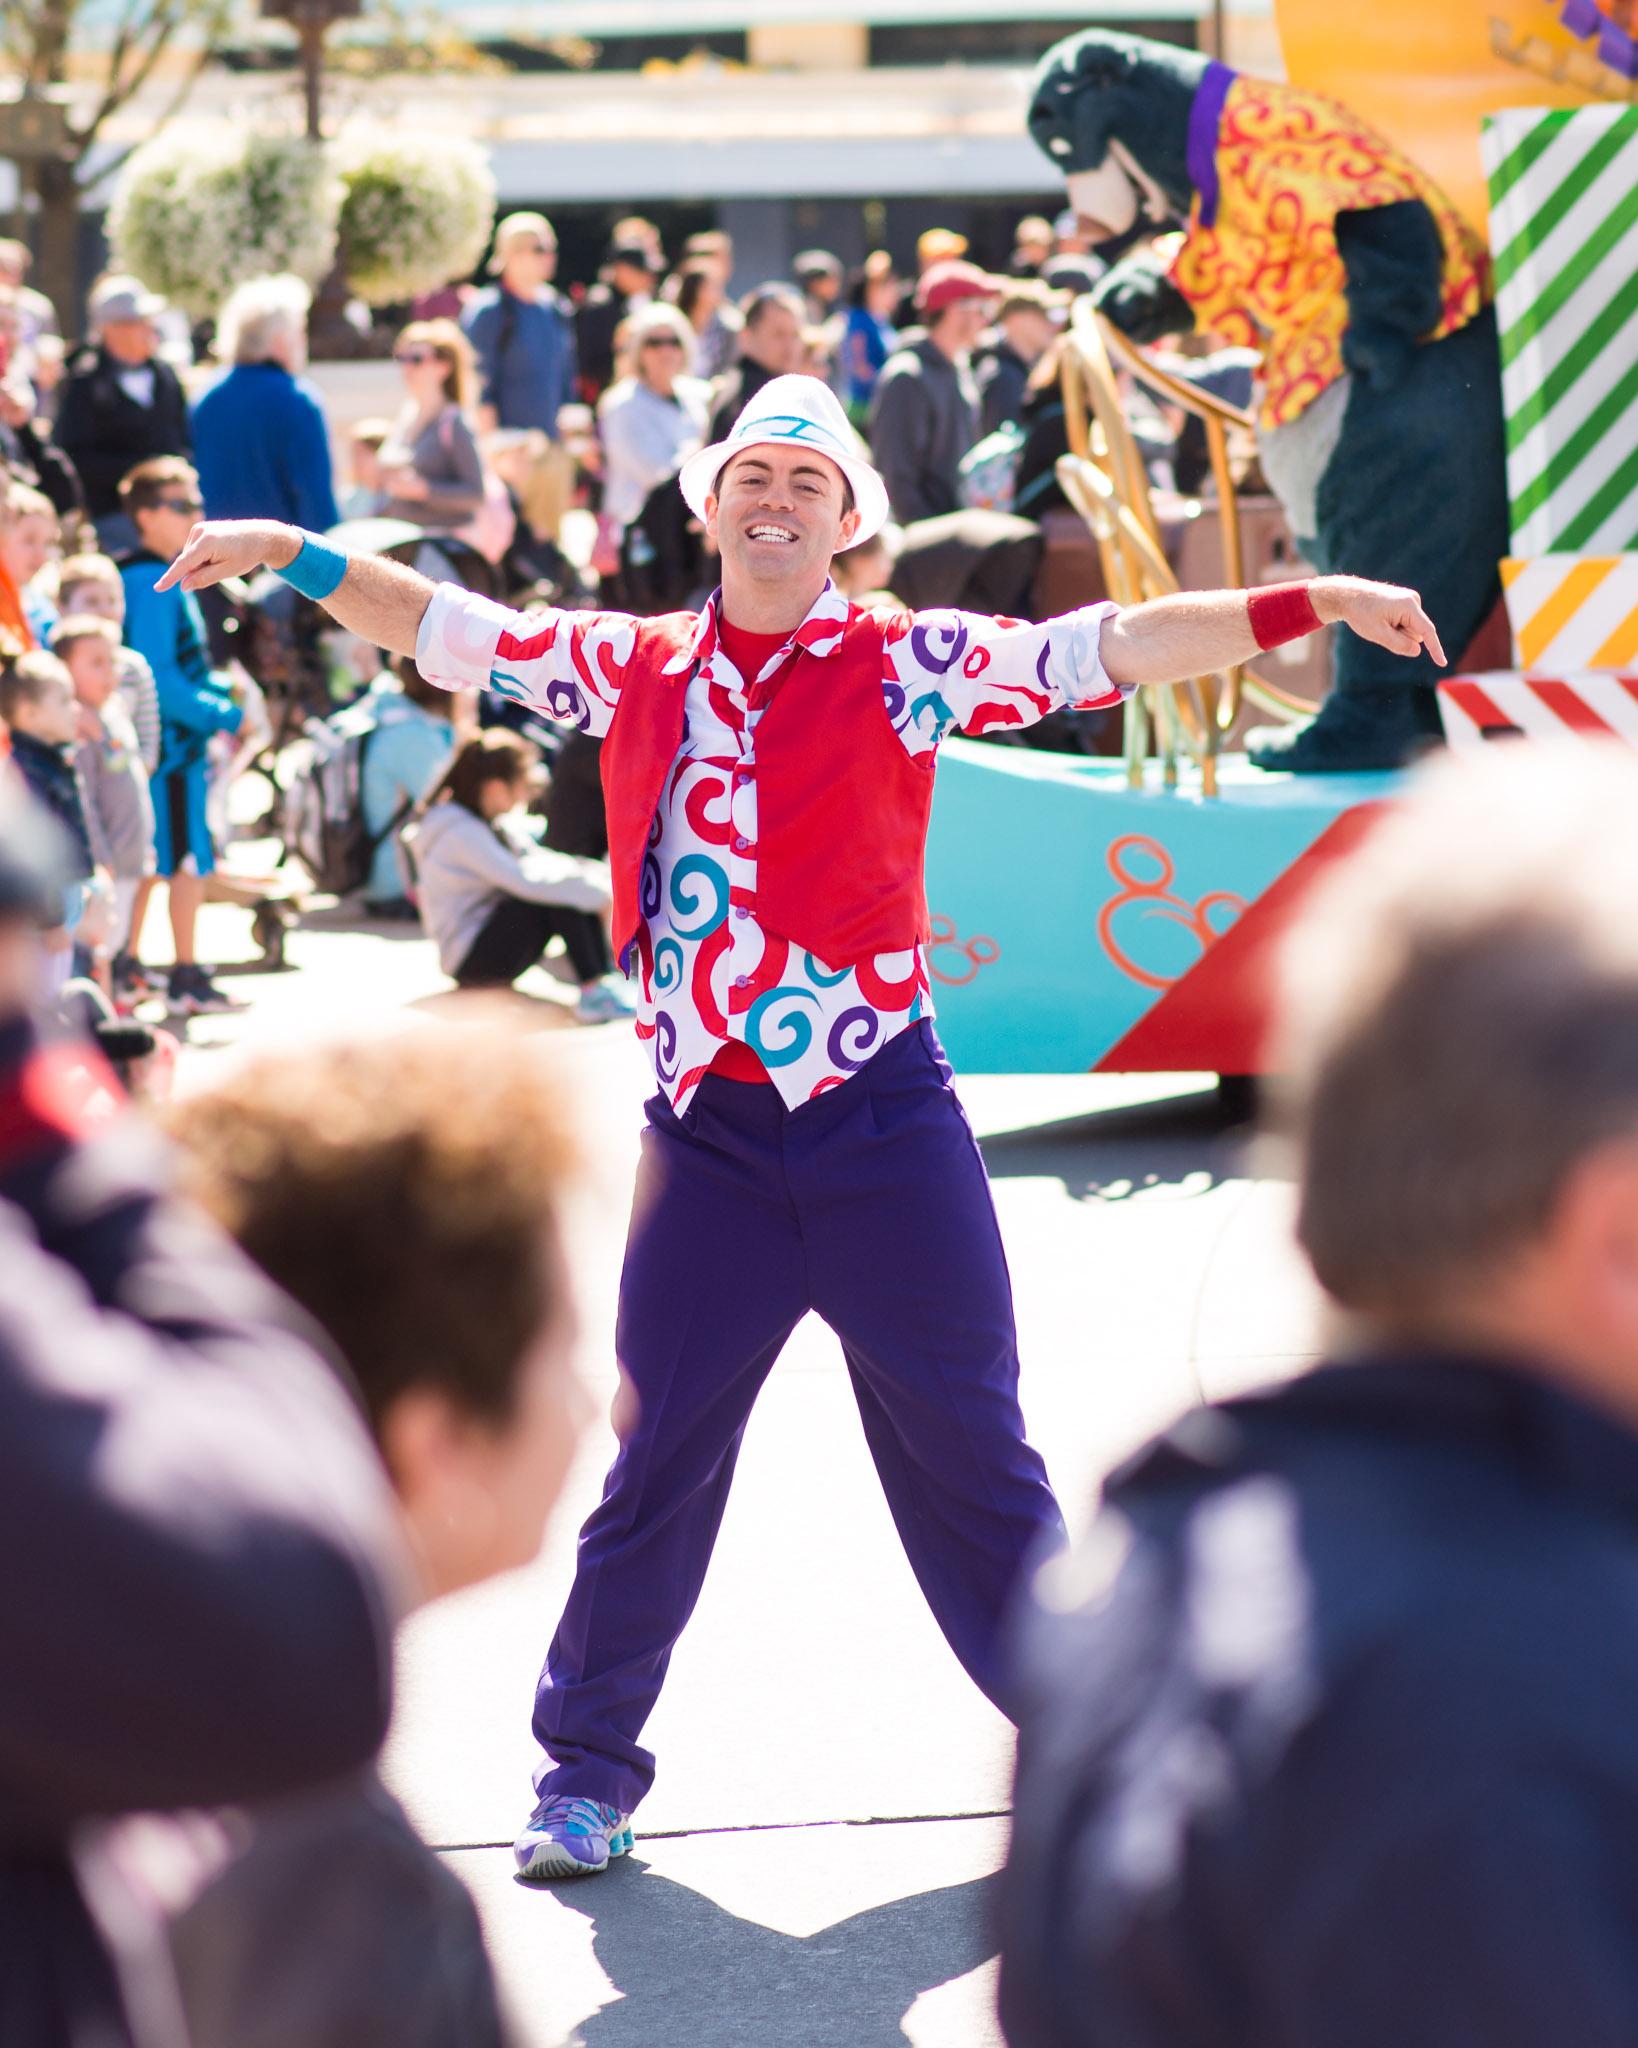 Move It! Shake It! Dance & Play It! - Walt Disney World Magic Kingdom